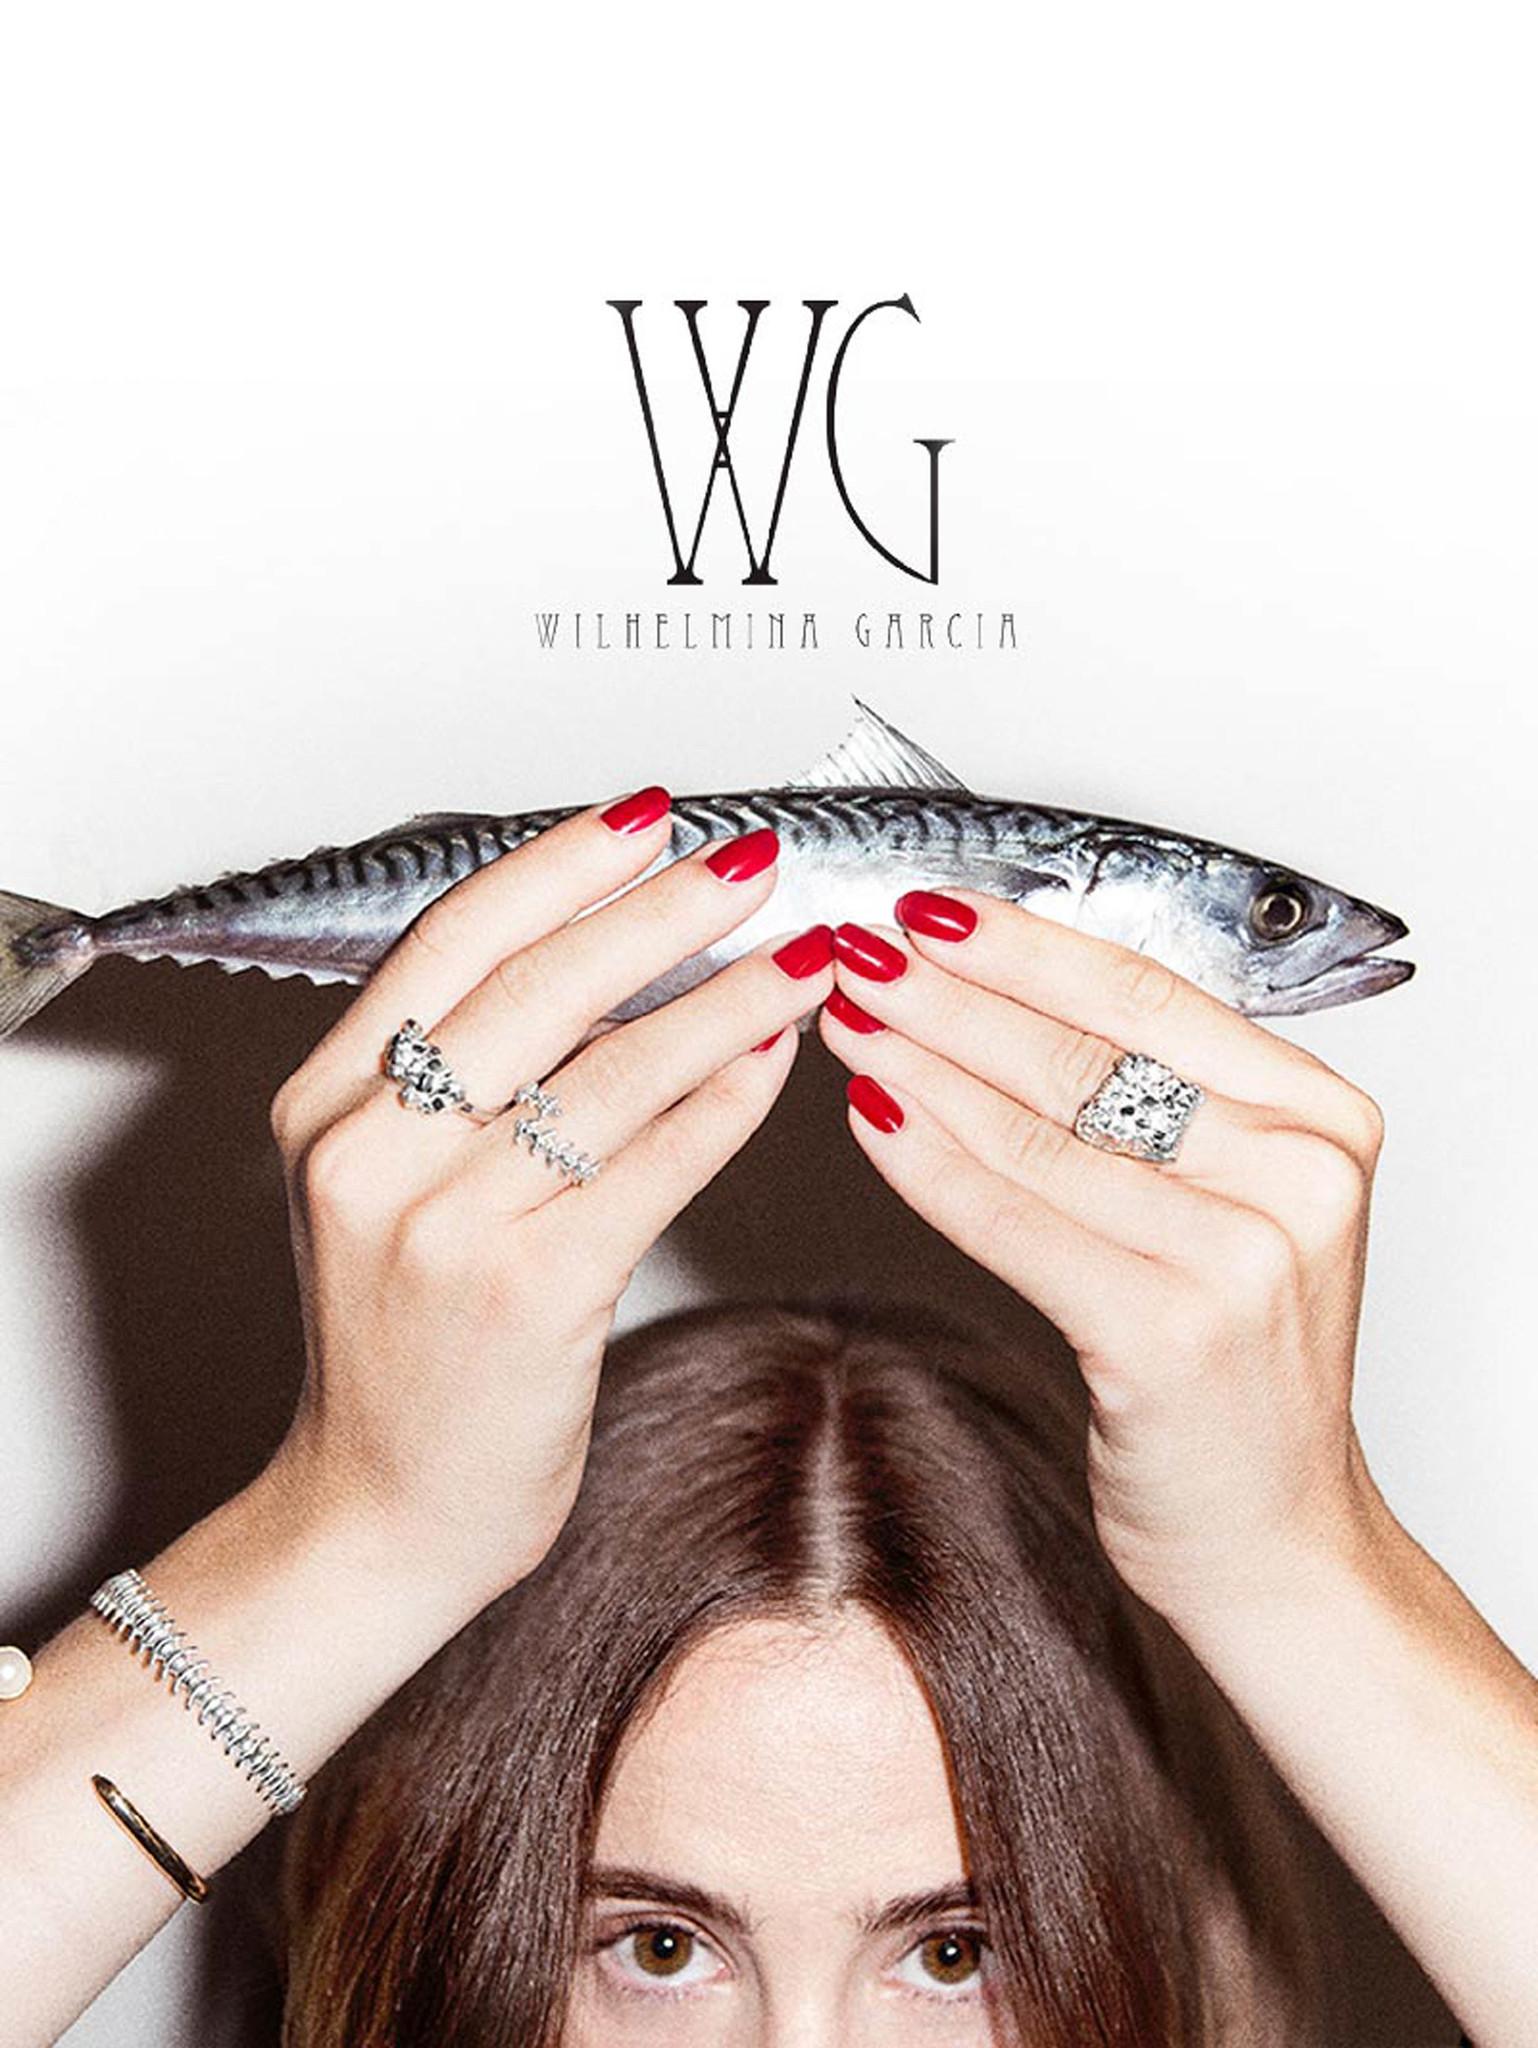 Новый испанский дизайнер Wilhelmina Garcia с коллекциями Cristallize и Fish Bones в MODBRAND.ru